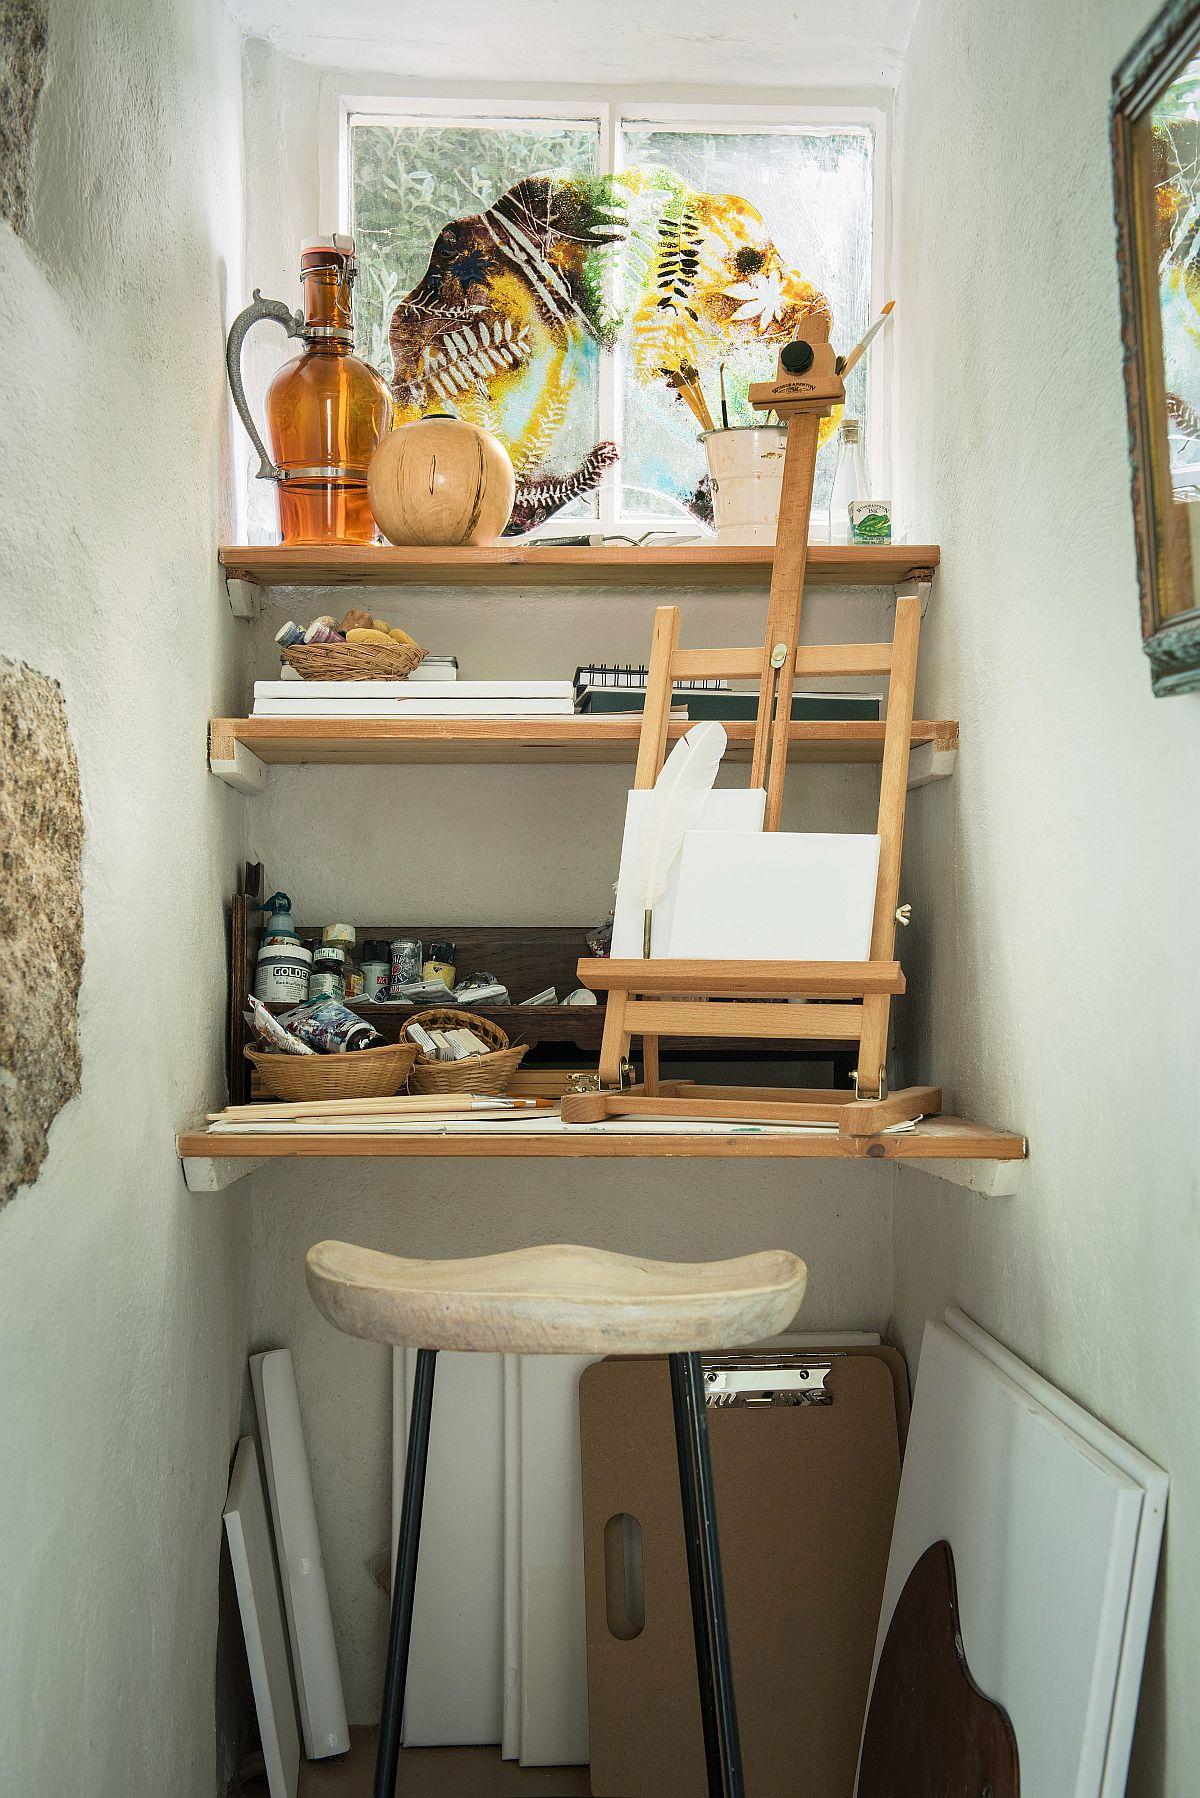 În spațiul mic, dar cu o fereastră în zonă, lângă șemineu, a fost creat un mic colț pentru pictură. Nu doar că arată bine, dar și te provoacă să fii creativ.